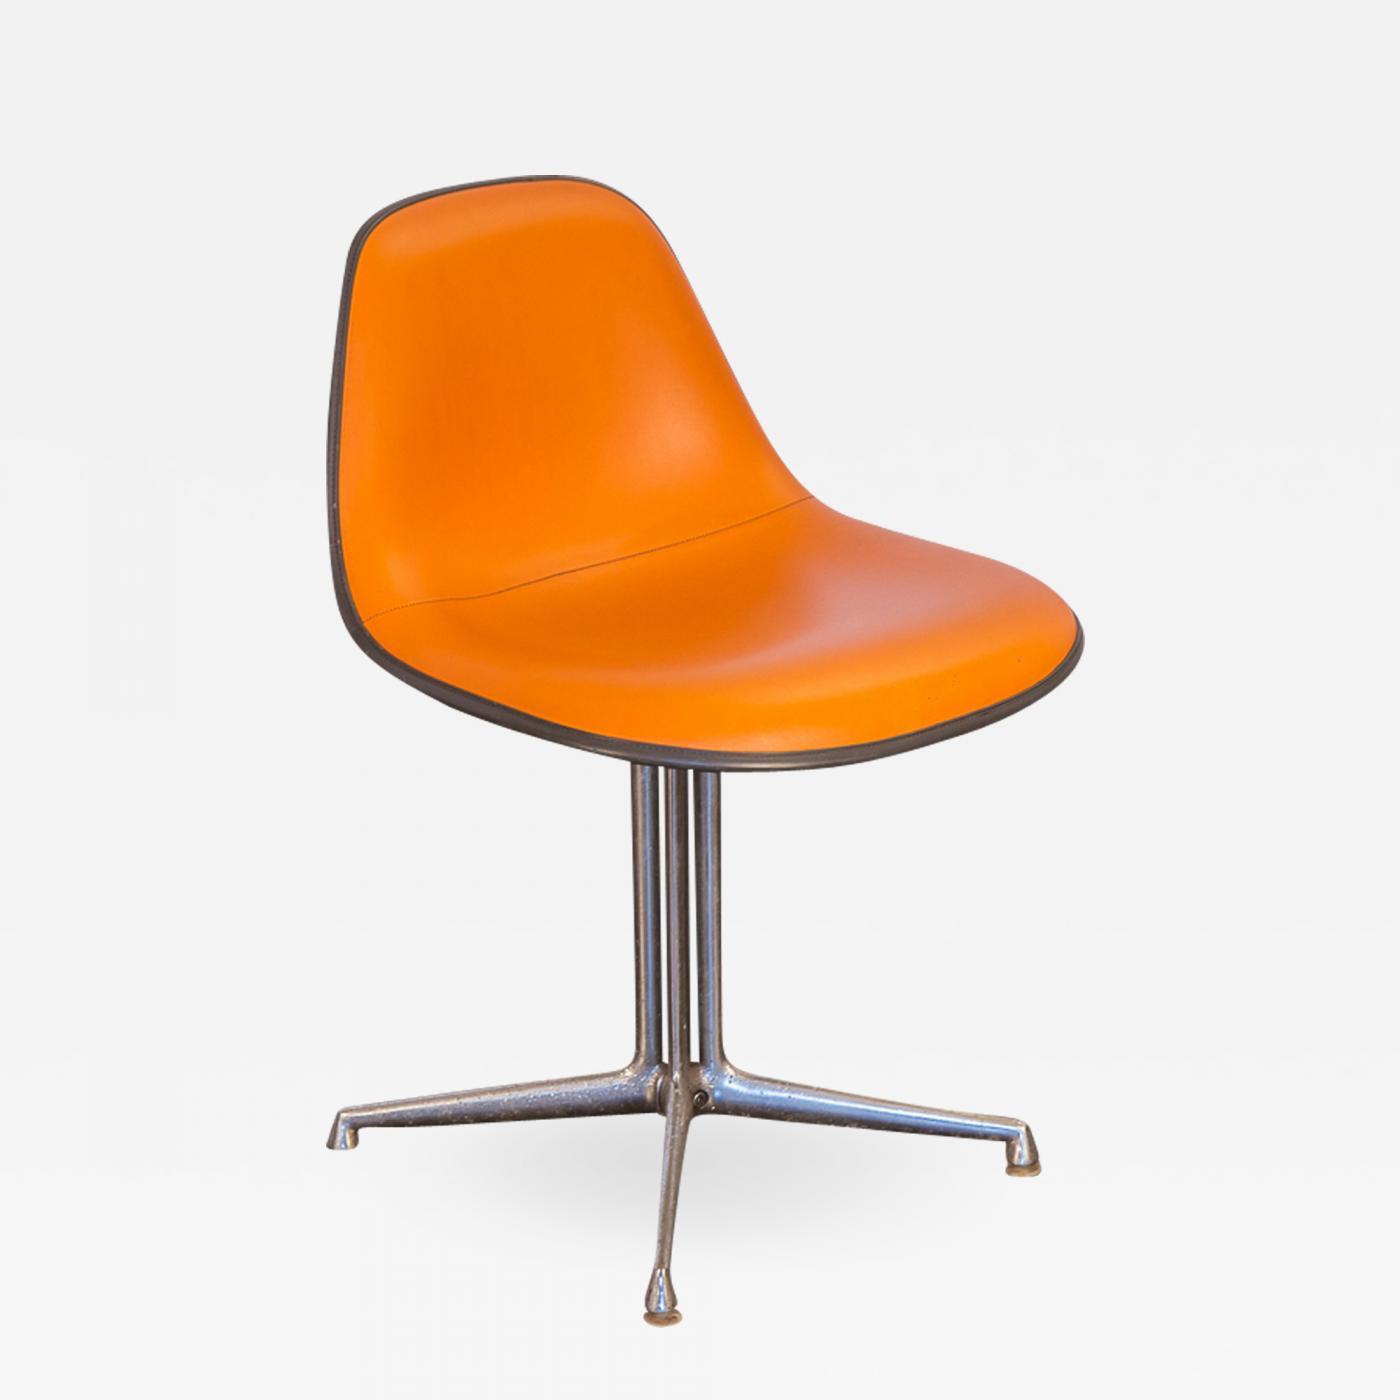 Charles & Ray Eames - Orange La Fonda Eames Chair